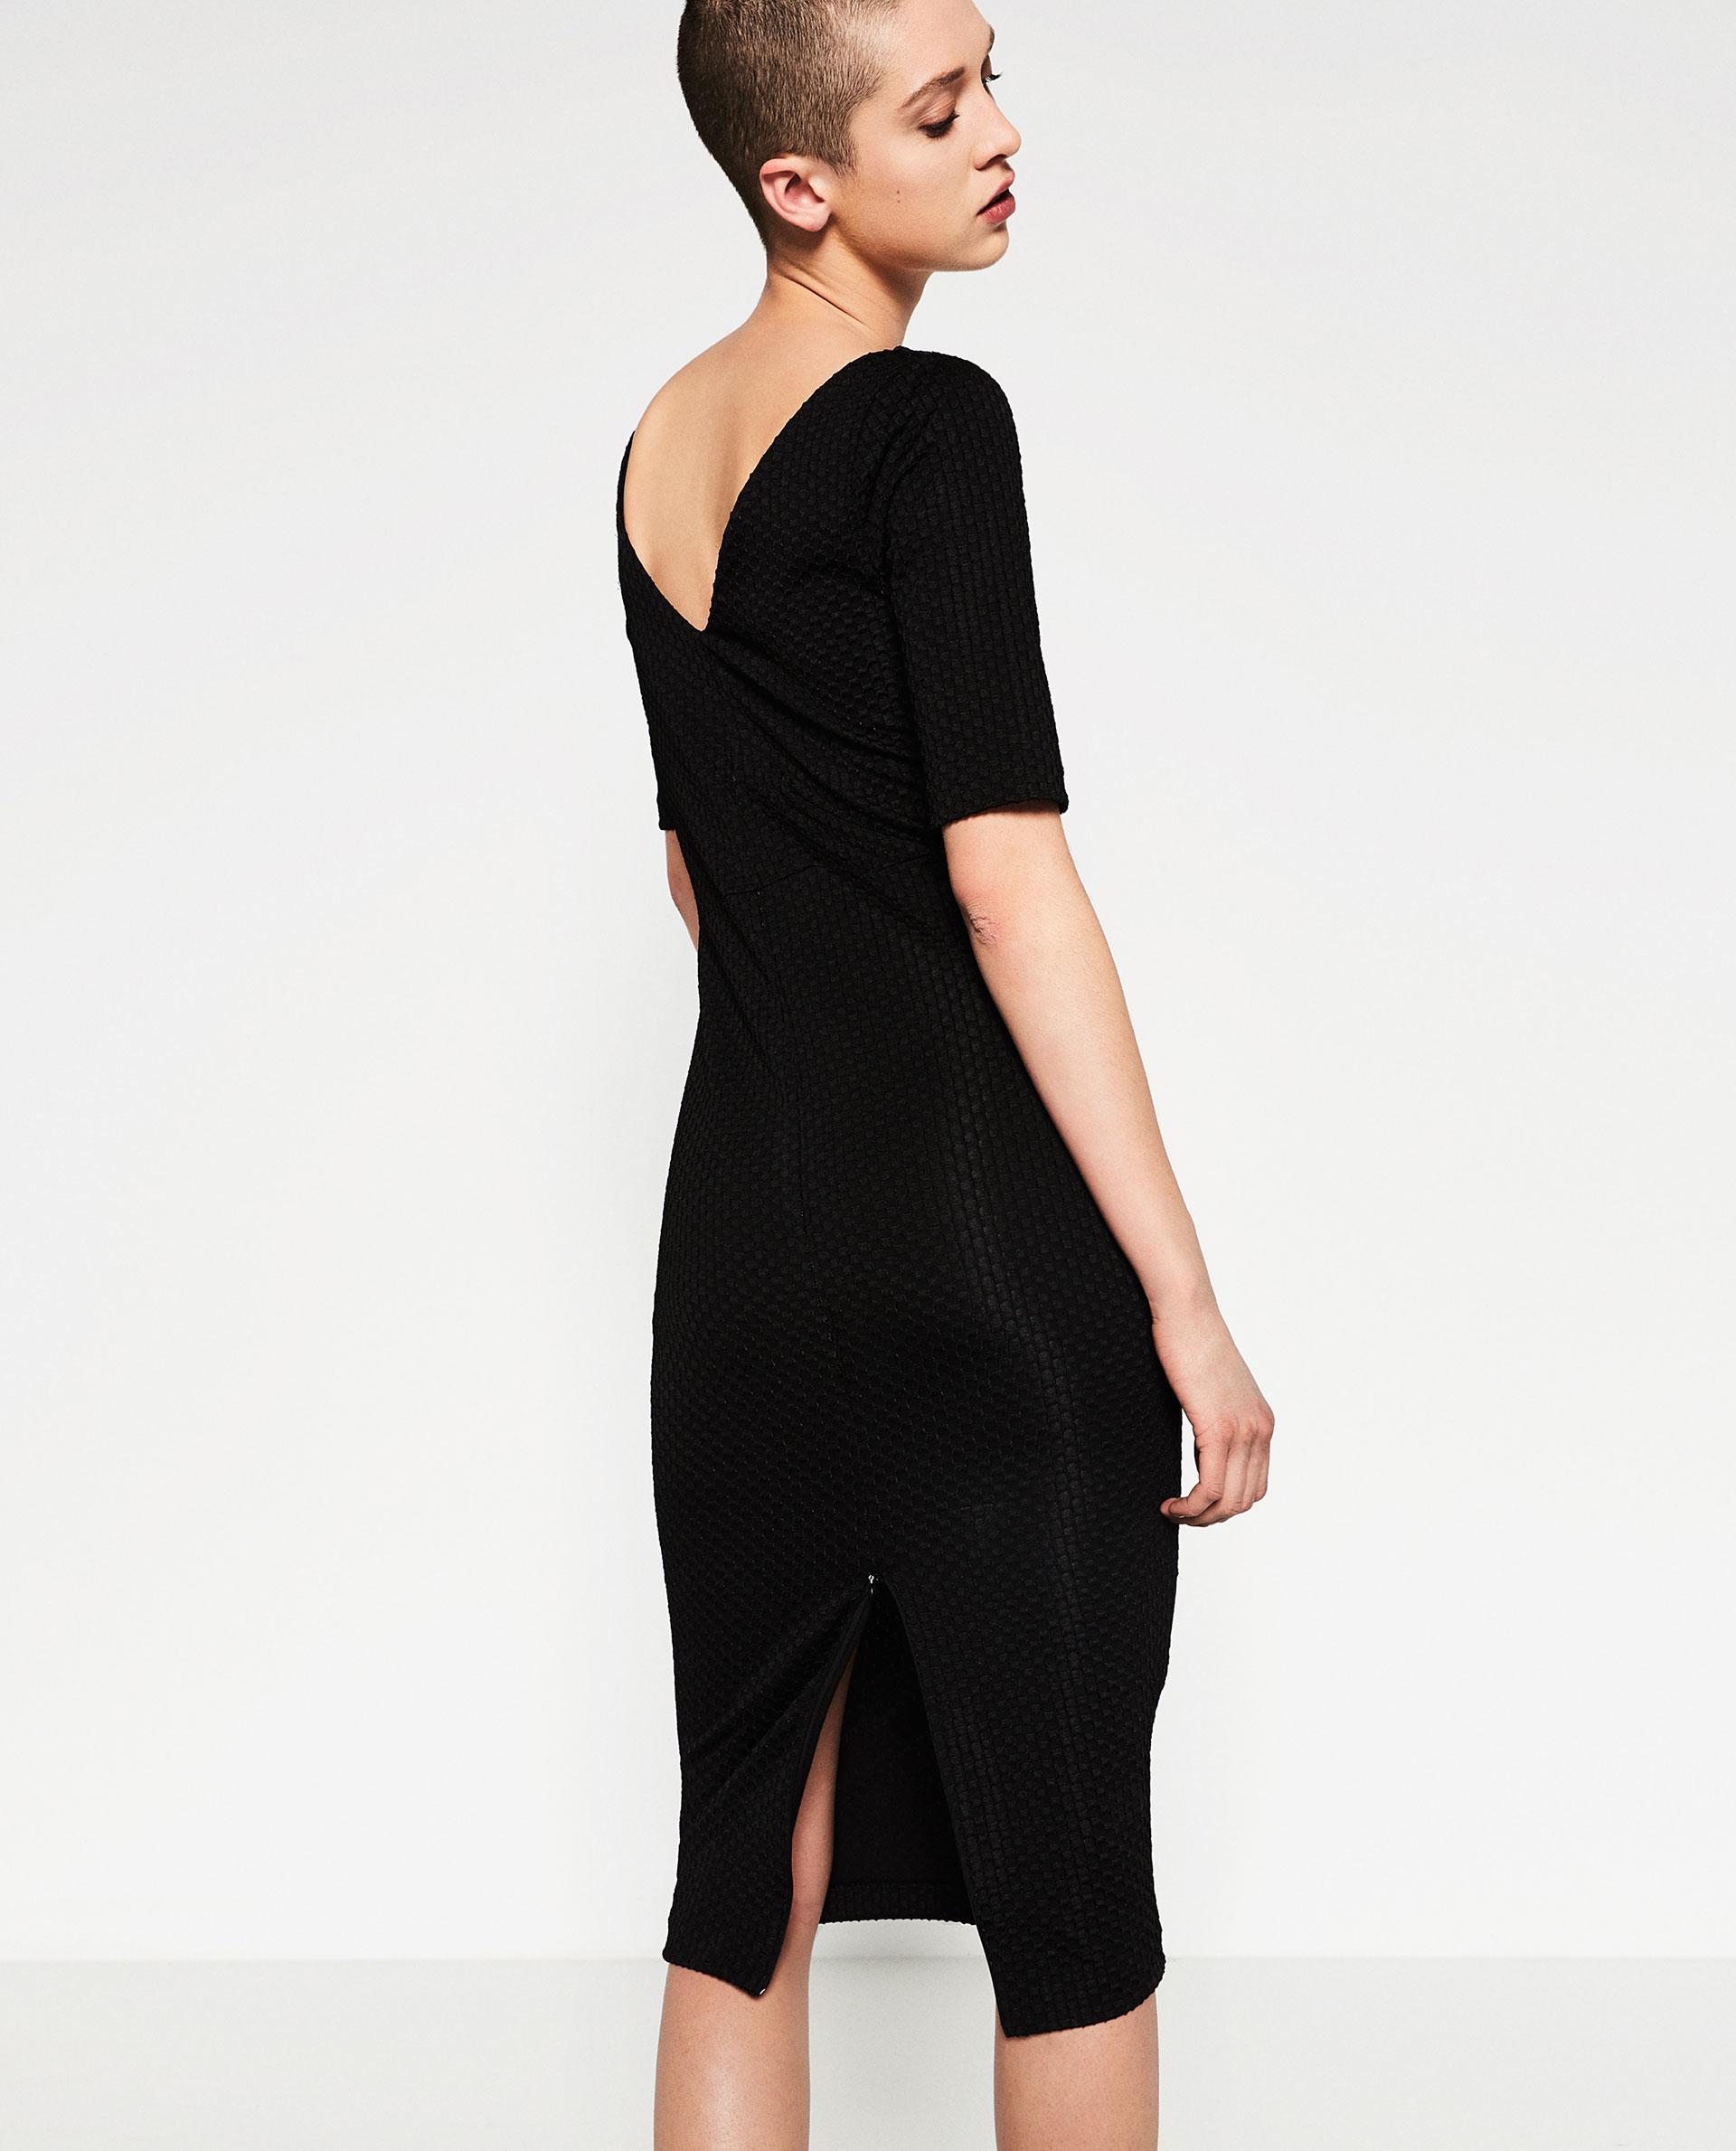 V back black dress zara